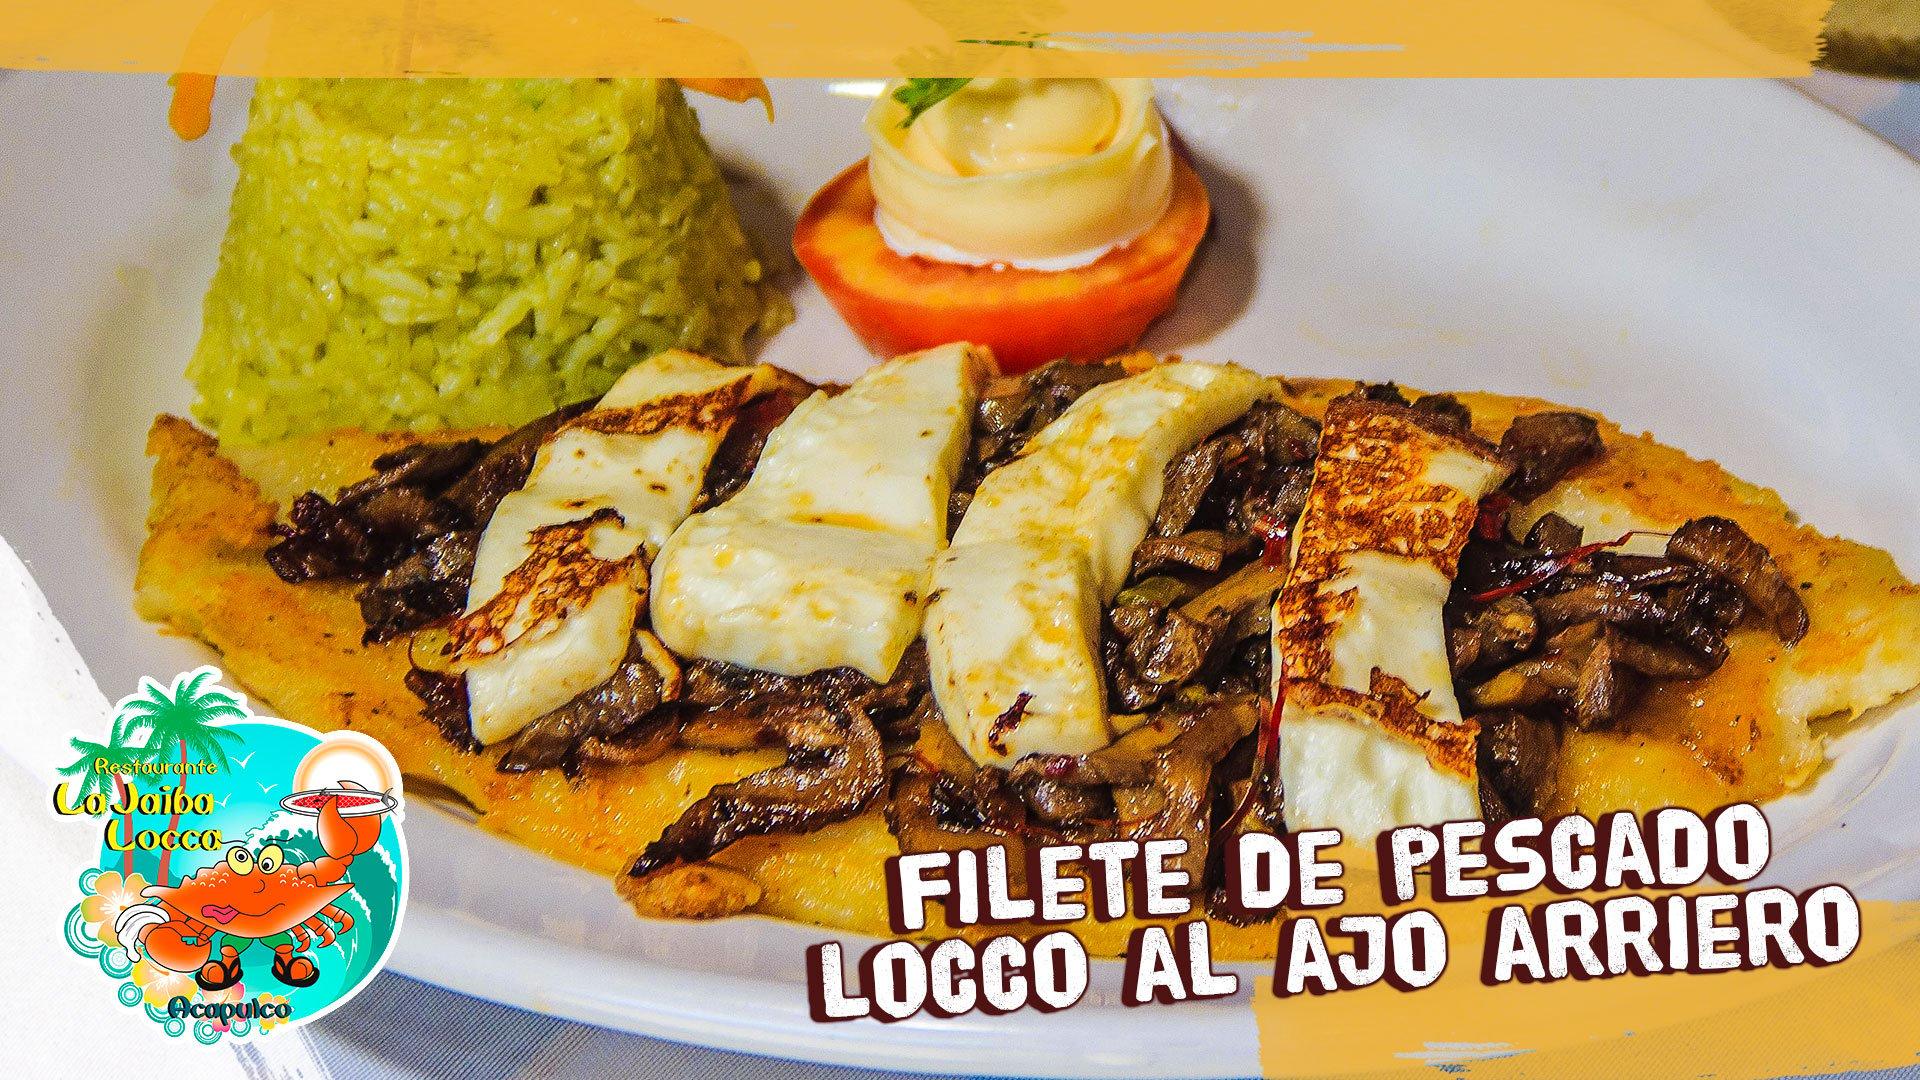 https://0201.nccdn.net/1_2/000/000/12b/aab/53-Filete-de-pescado-locco-al-ajo-arriero.jpg